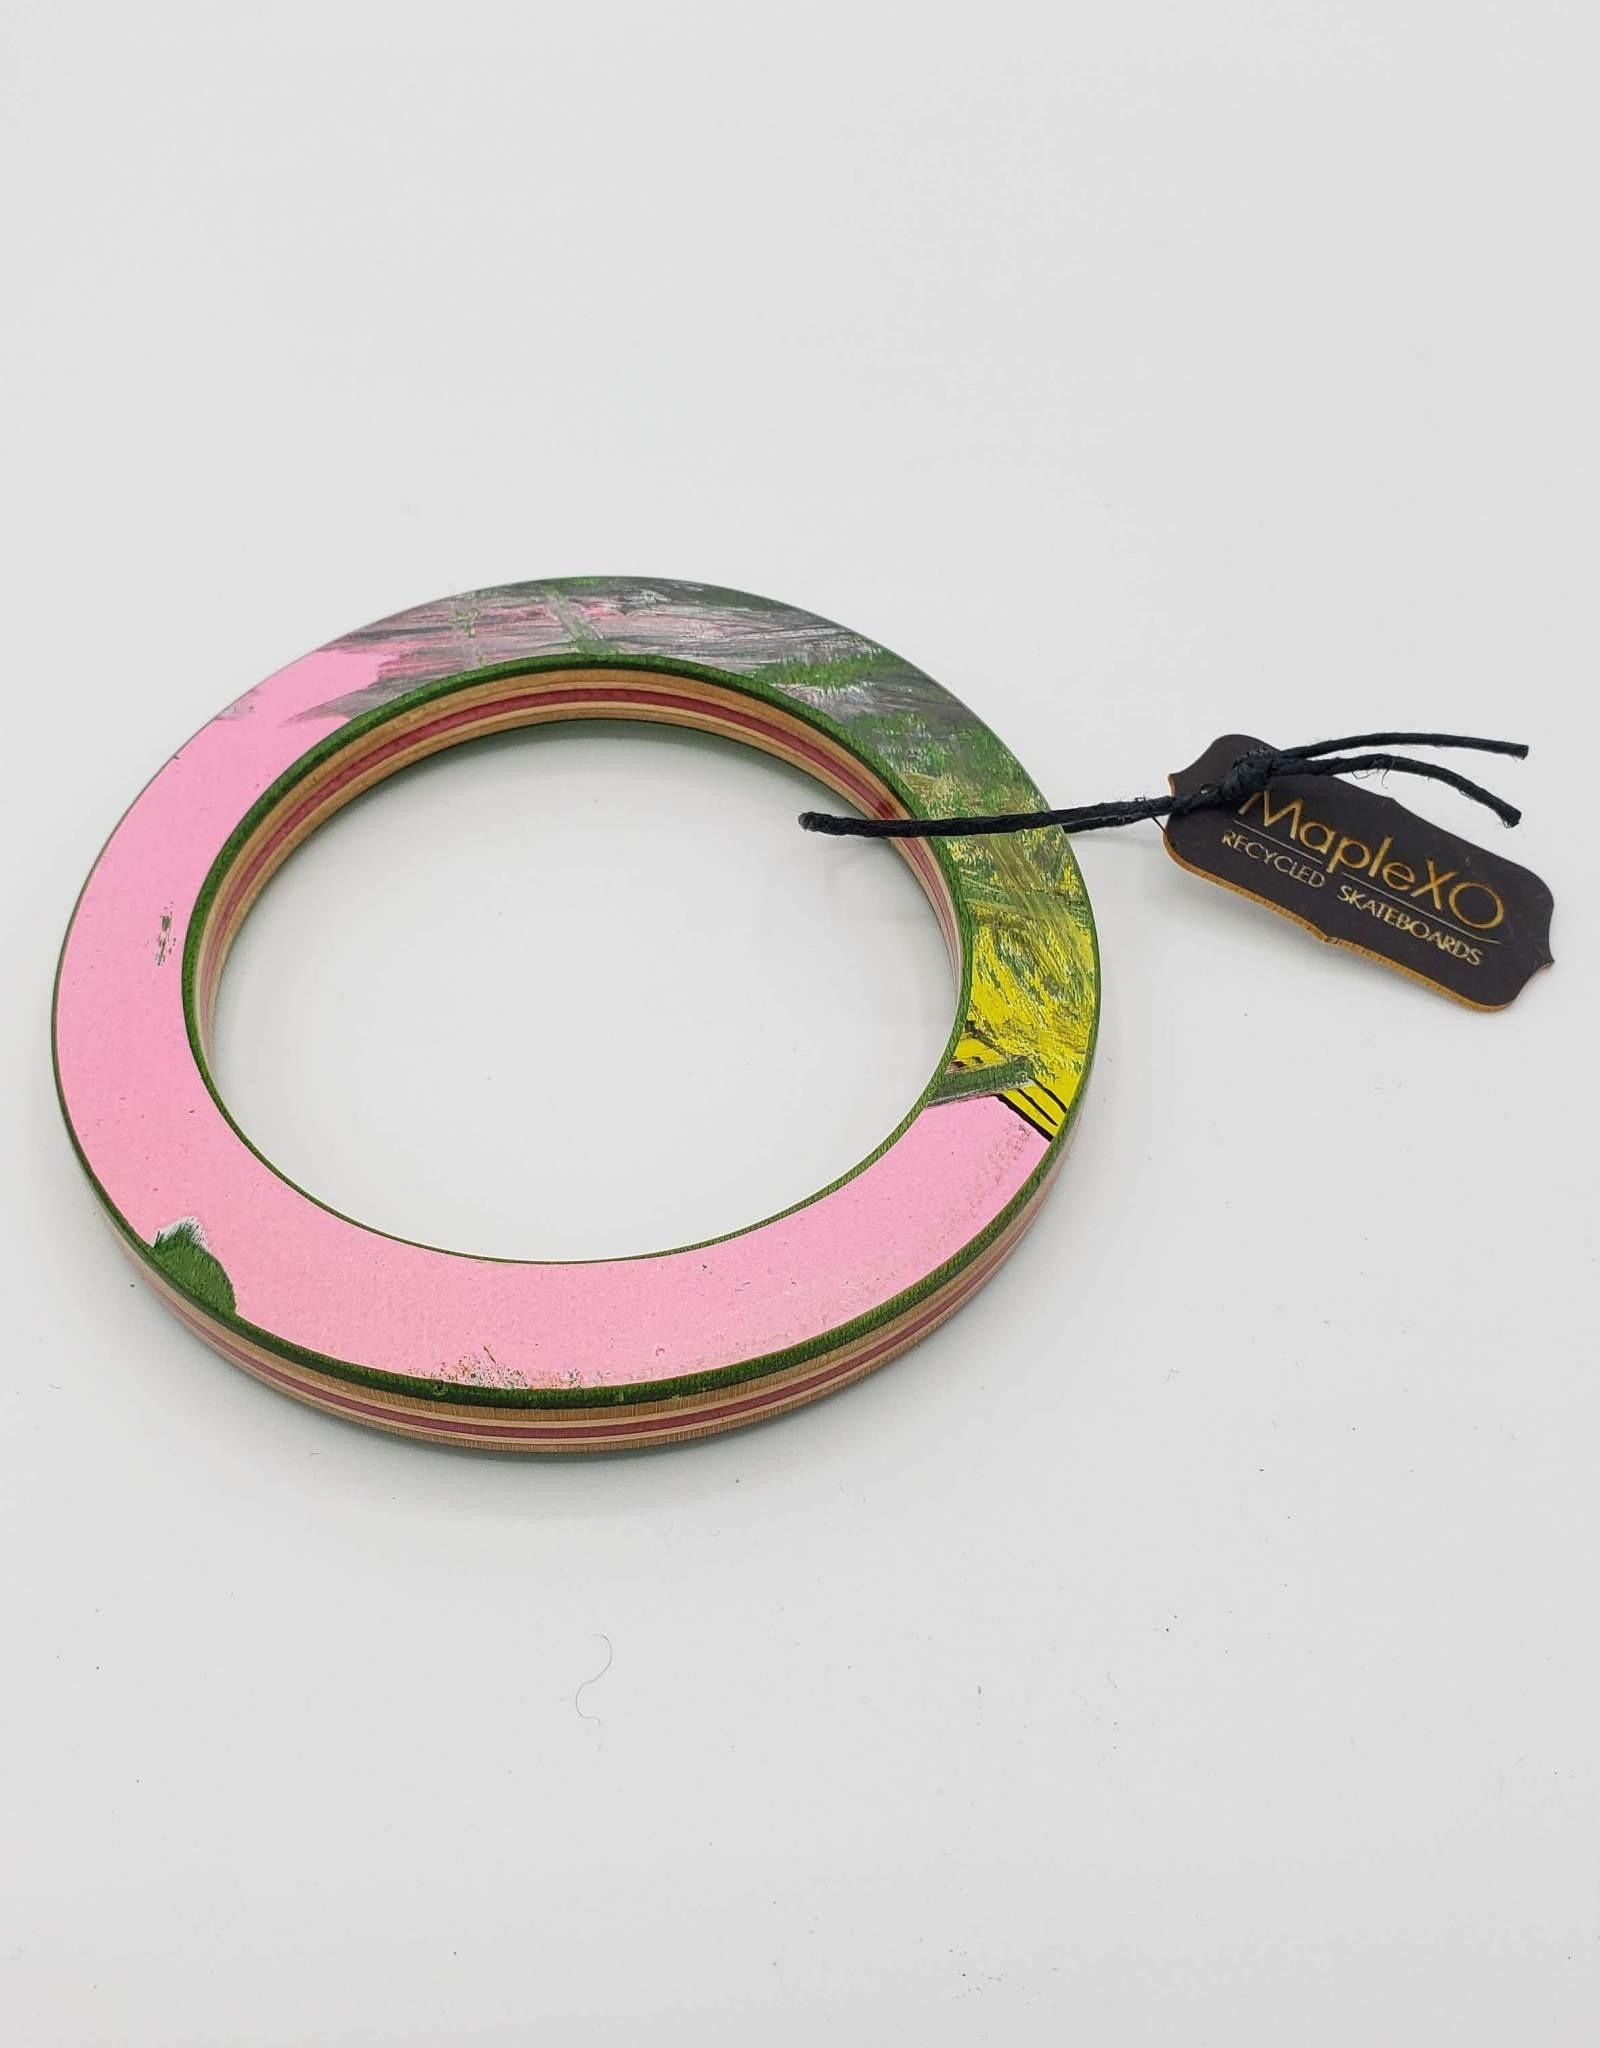 Maple XO Pala Bangle Bracelet